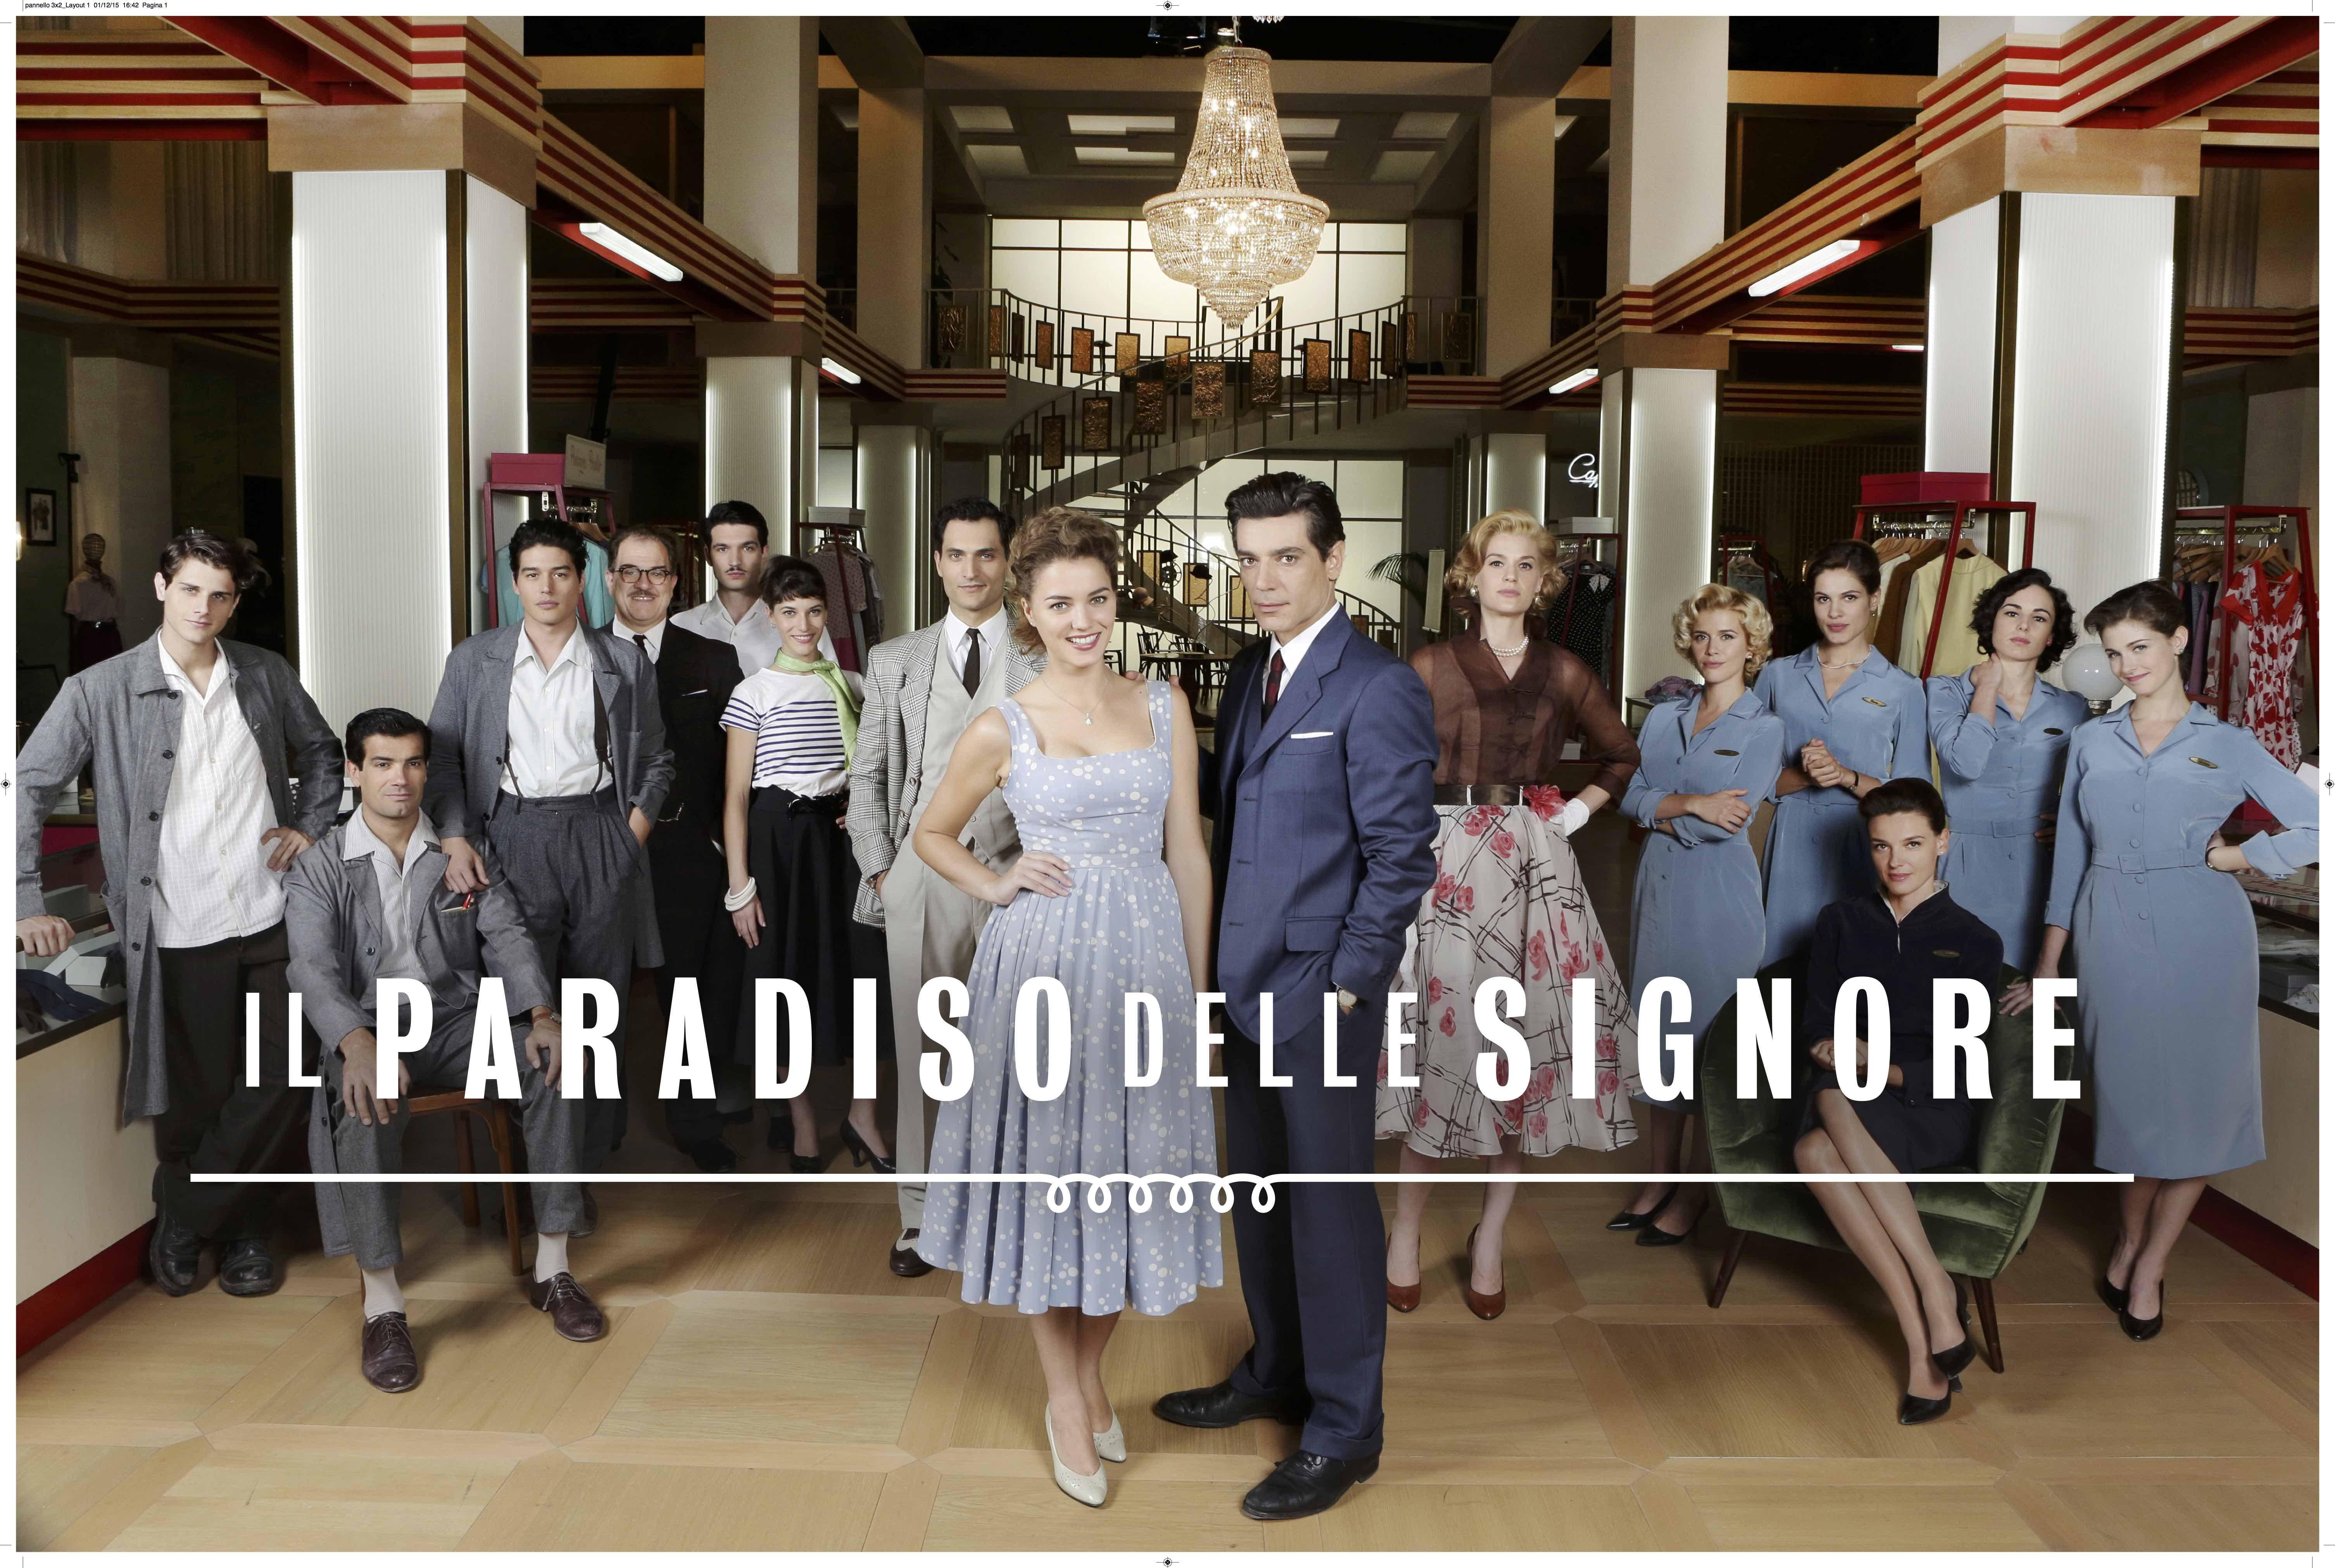 Il paradiso delle signore (2015)